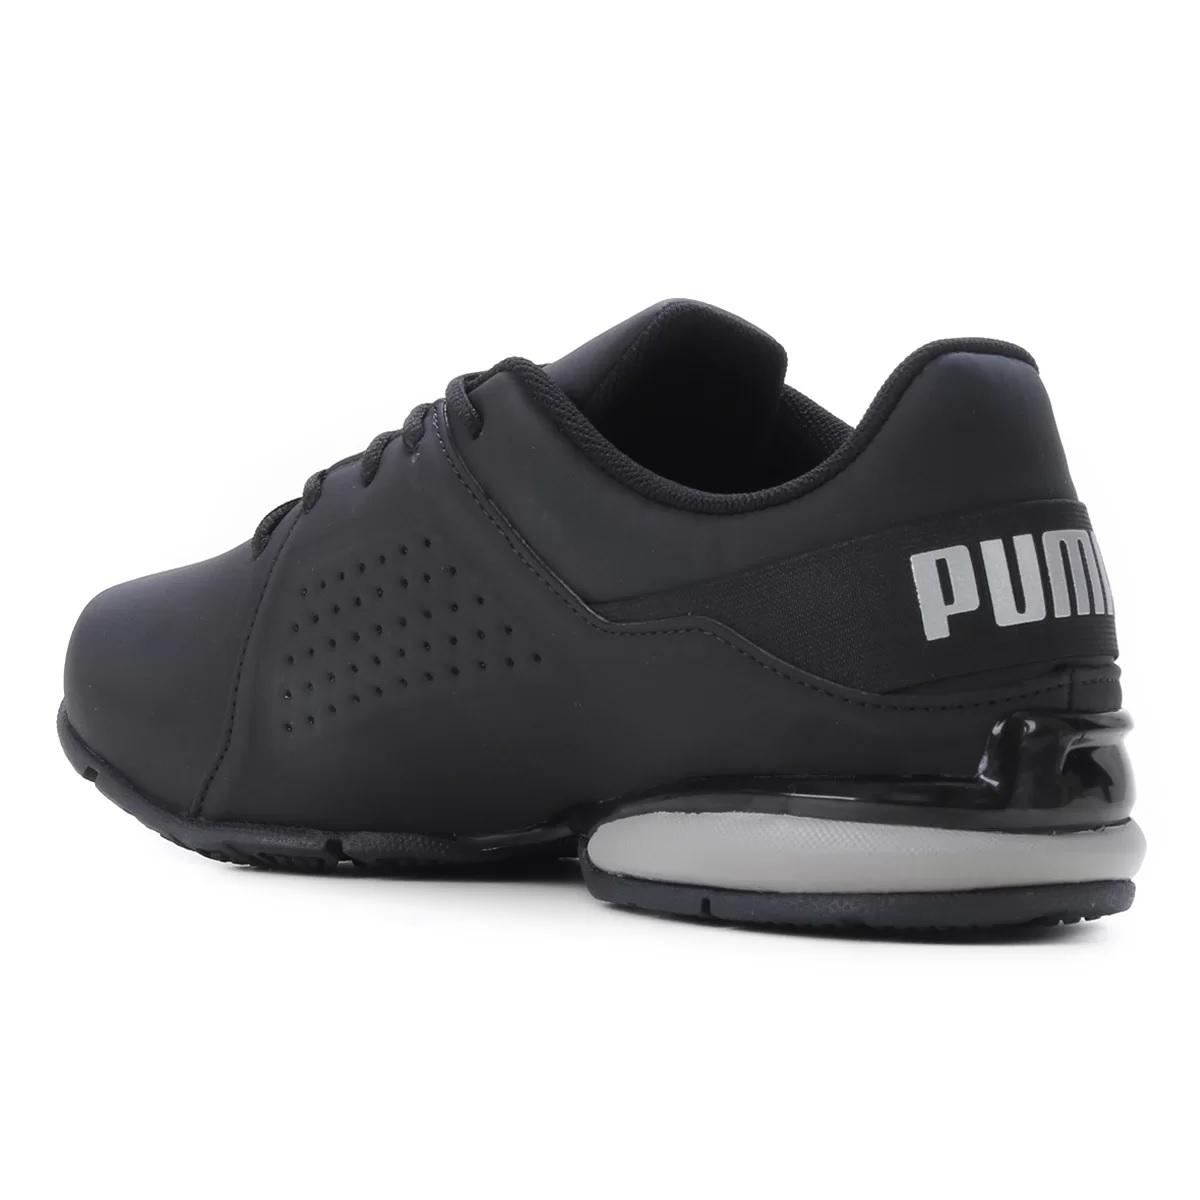 Tênis Puma Viz Runner BDP Masculino Preto